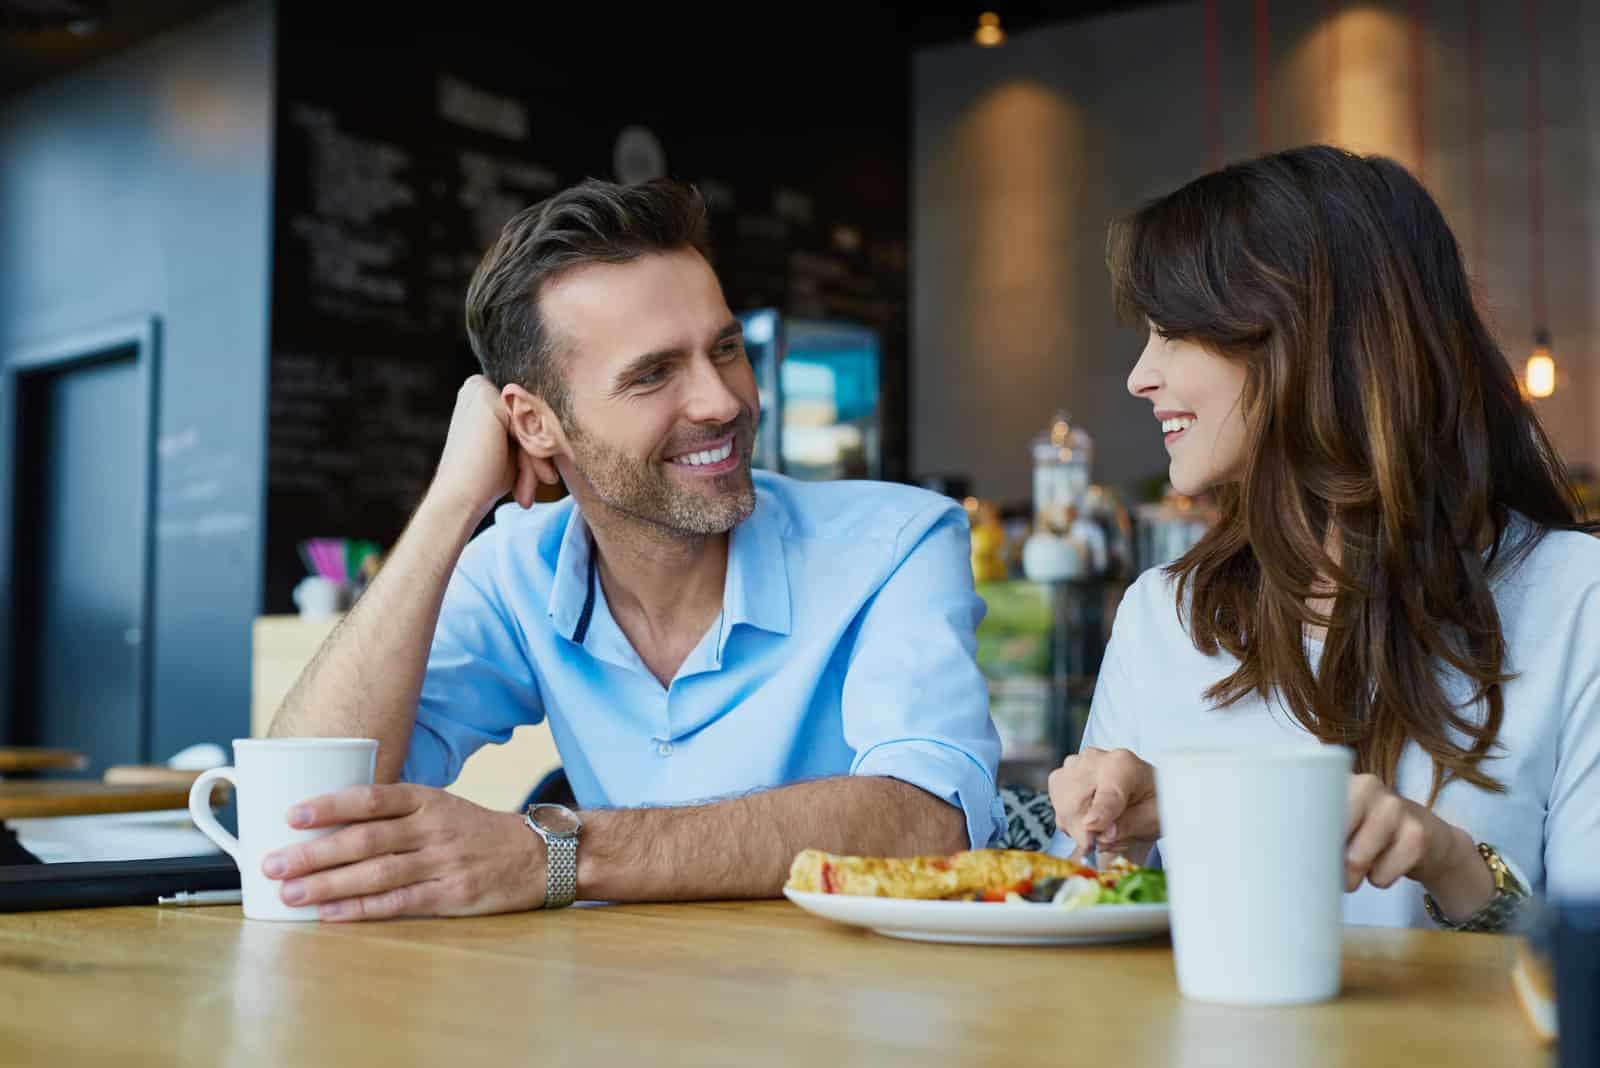 ein Mann und eine Frau lachen und reden